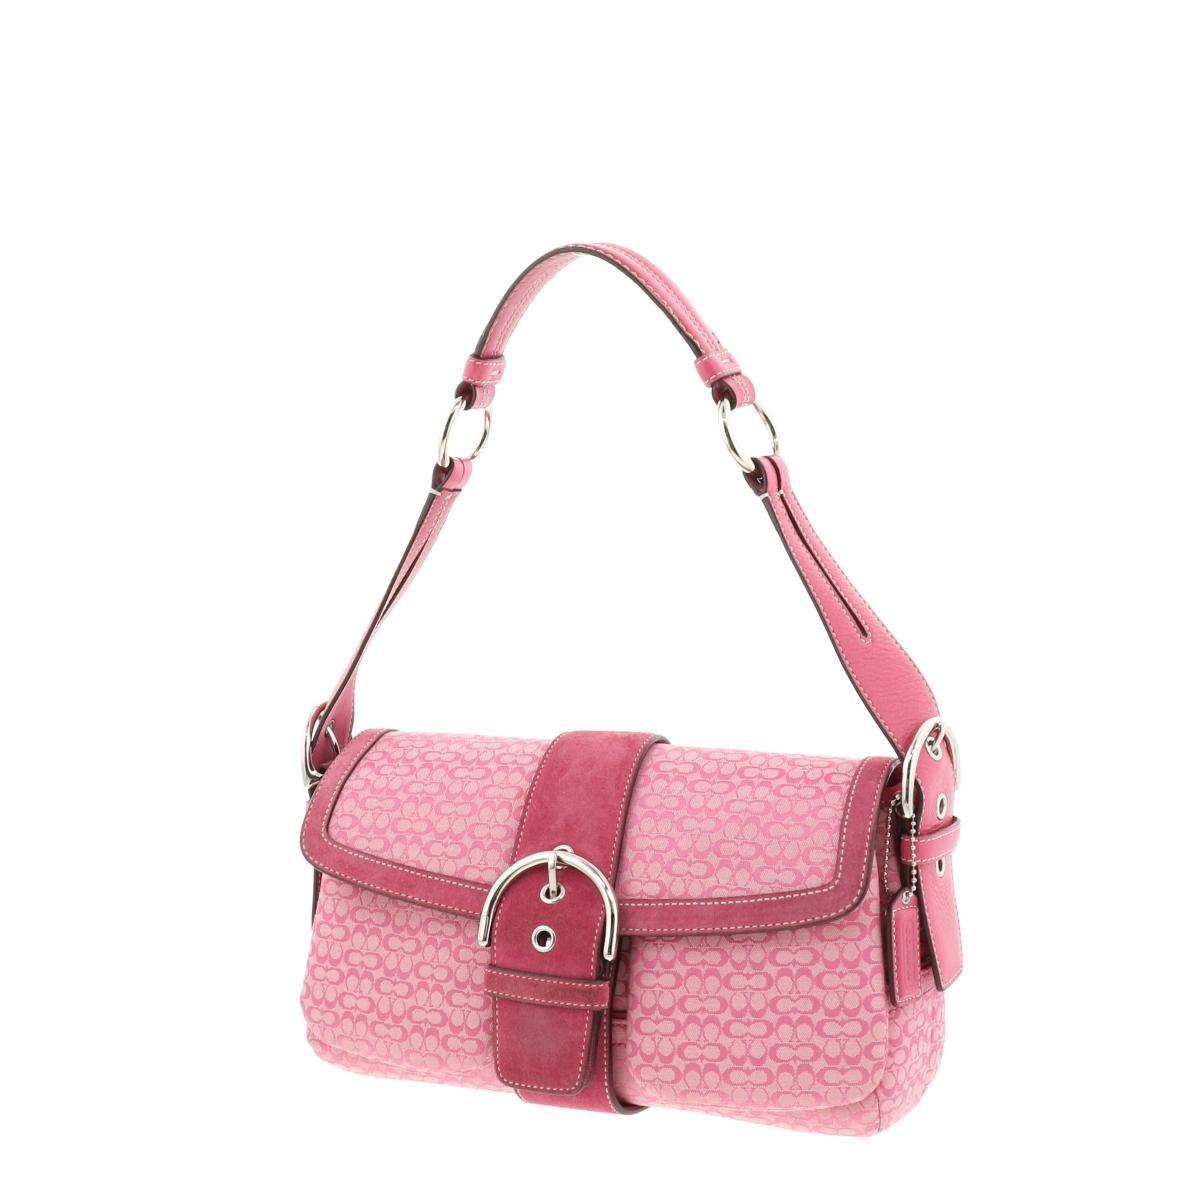 【即日発送・水曜定休日・木曜発送】【中古】【RI】 COACH (コーチ) ショルダーバッグ バッグ ショルダー/メッセンジャーバッグ  Pink/ピンク 1463 used:B